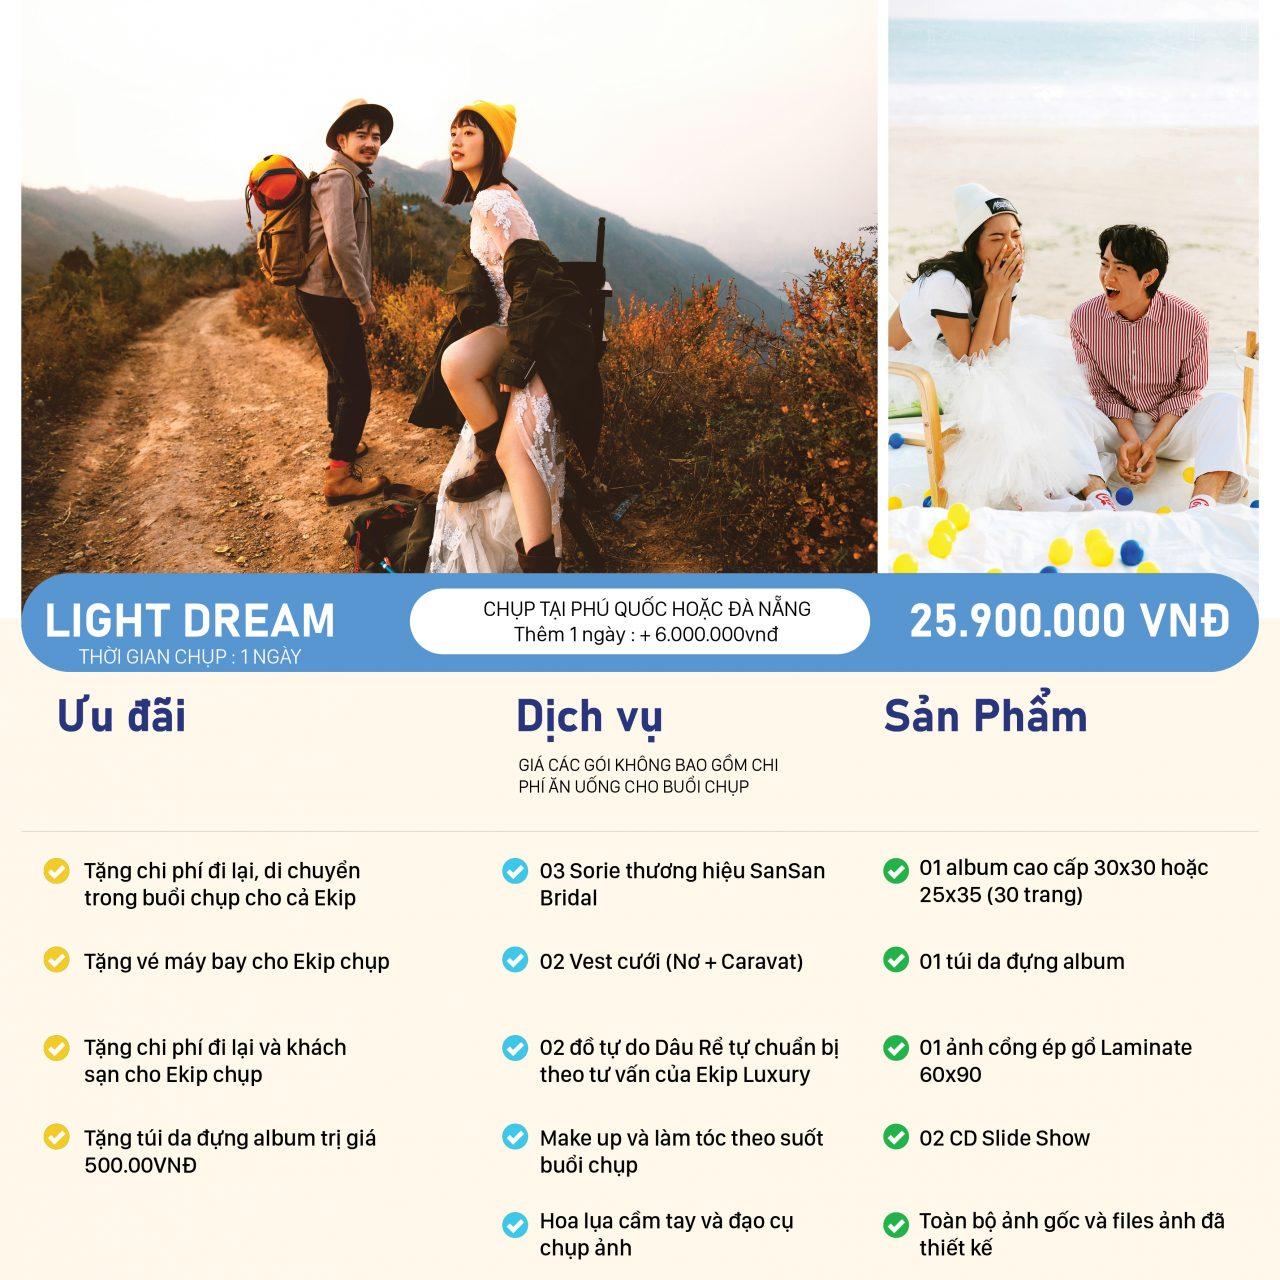 Bảng giá chụp ảnh cưới đẹp LIGHT DREAM